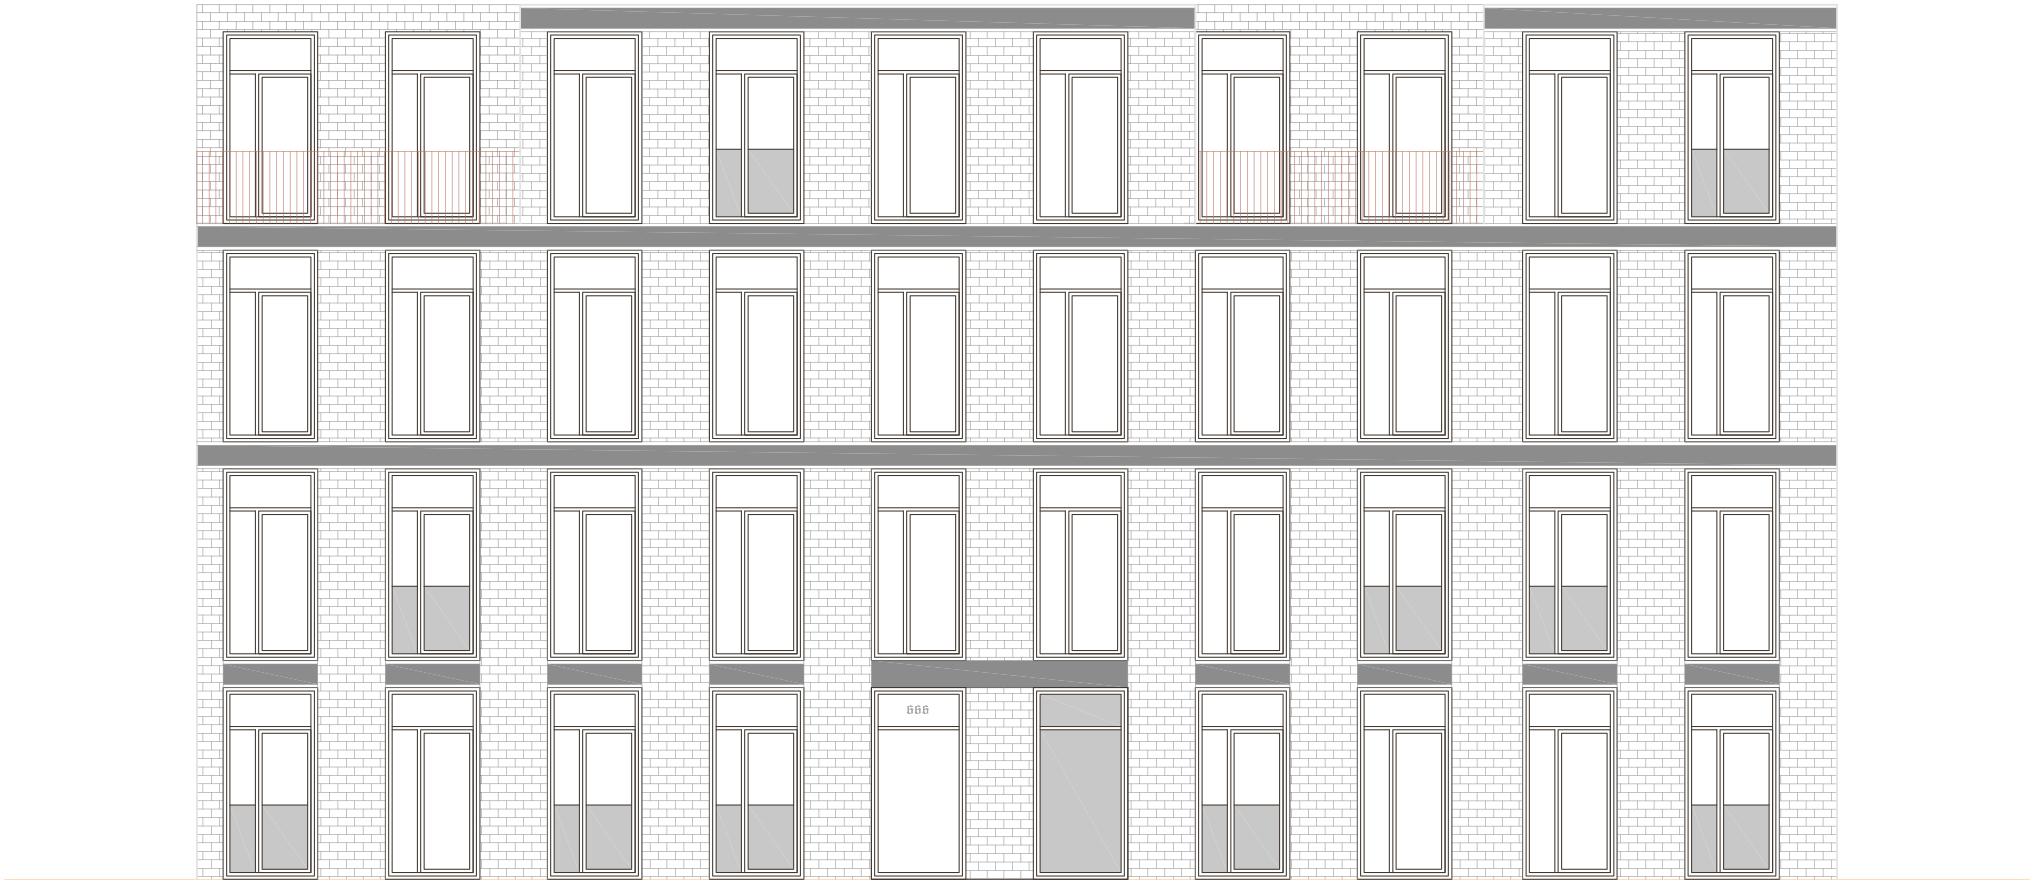 4 étages = densité 2.51